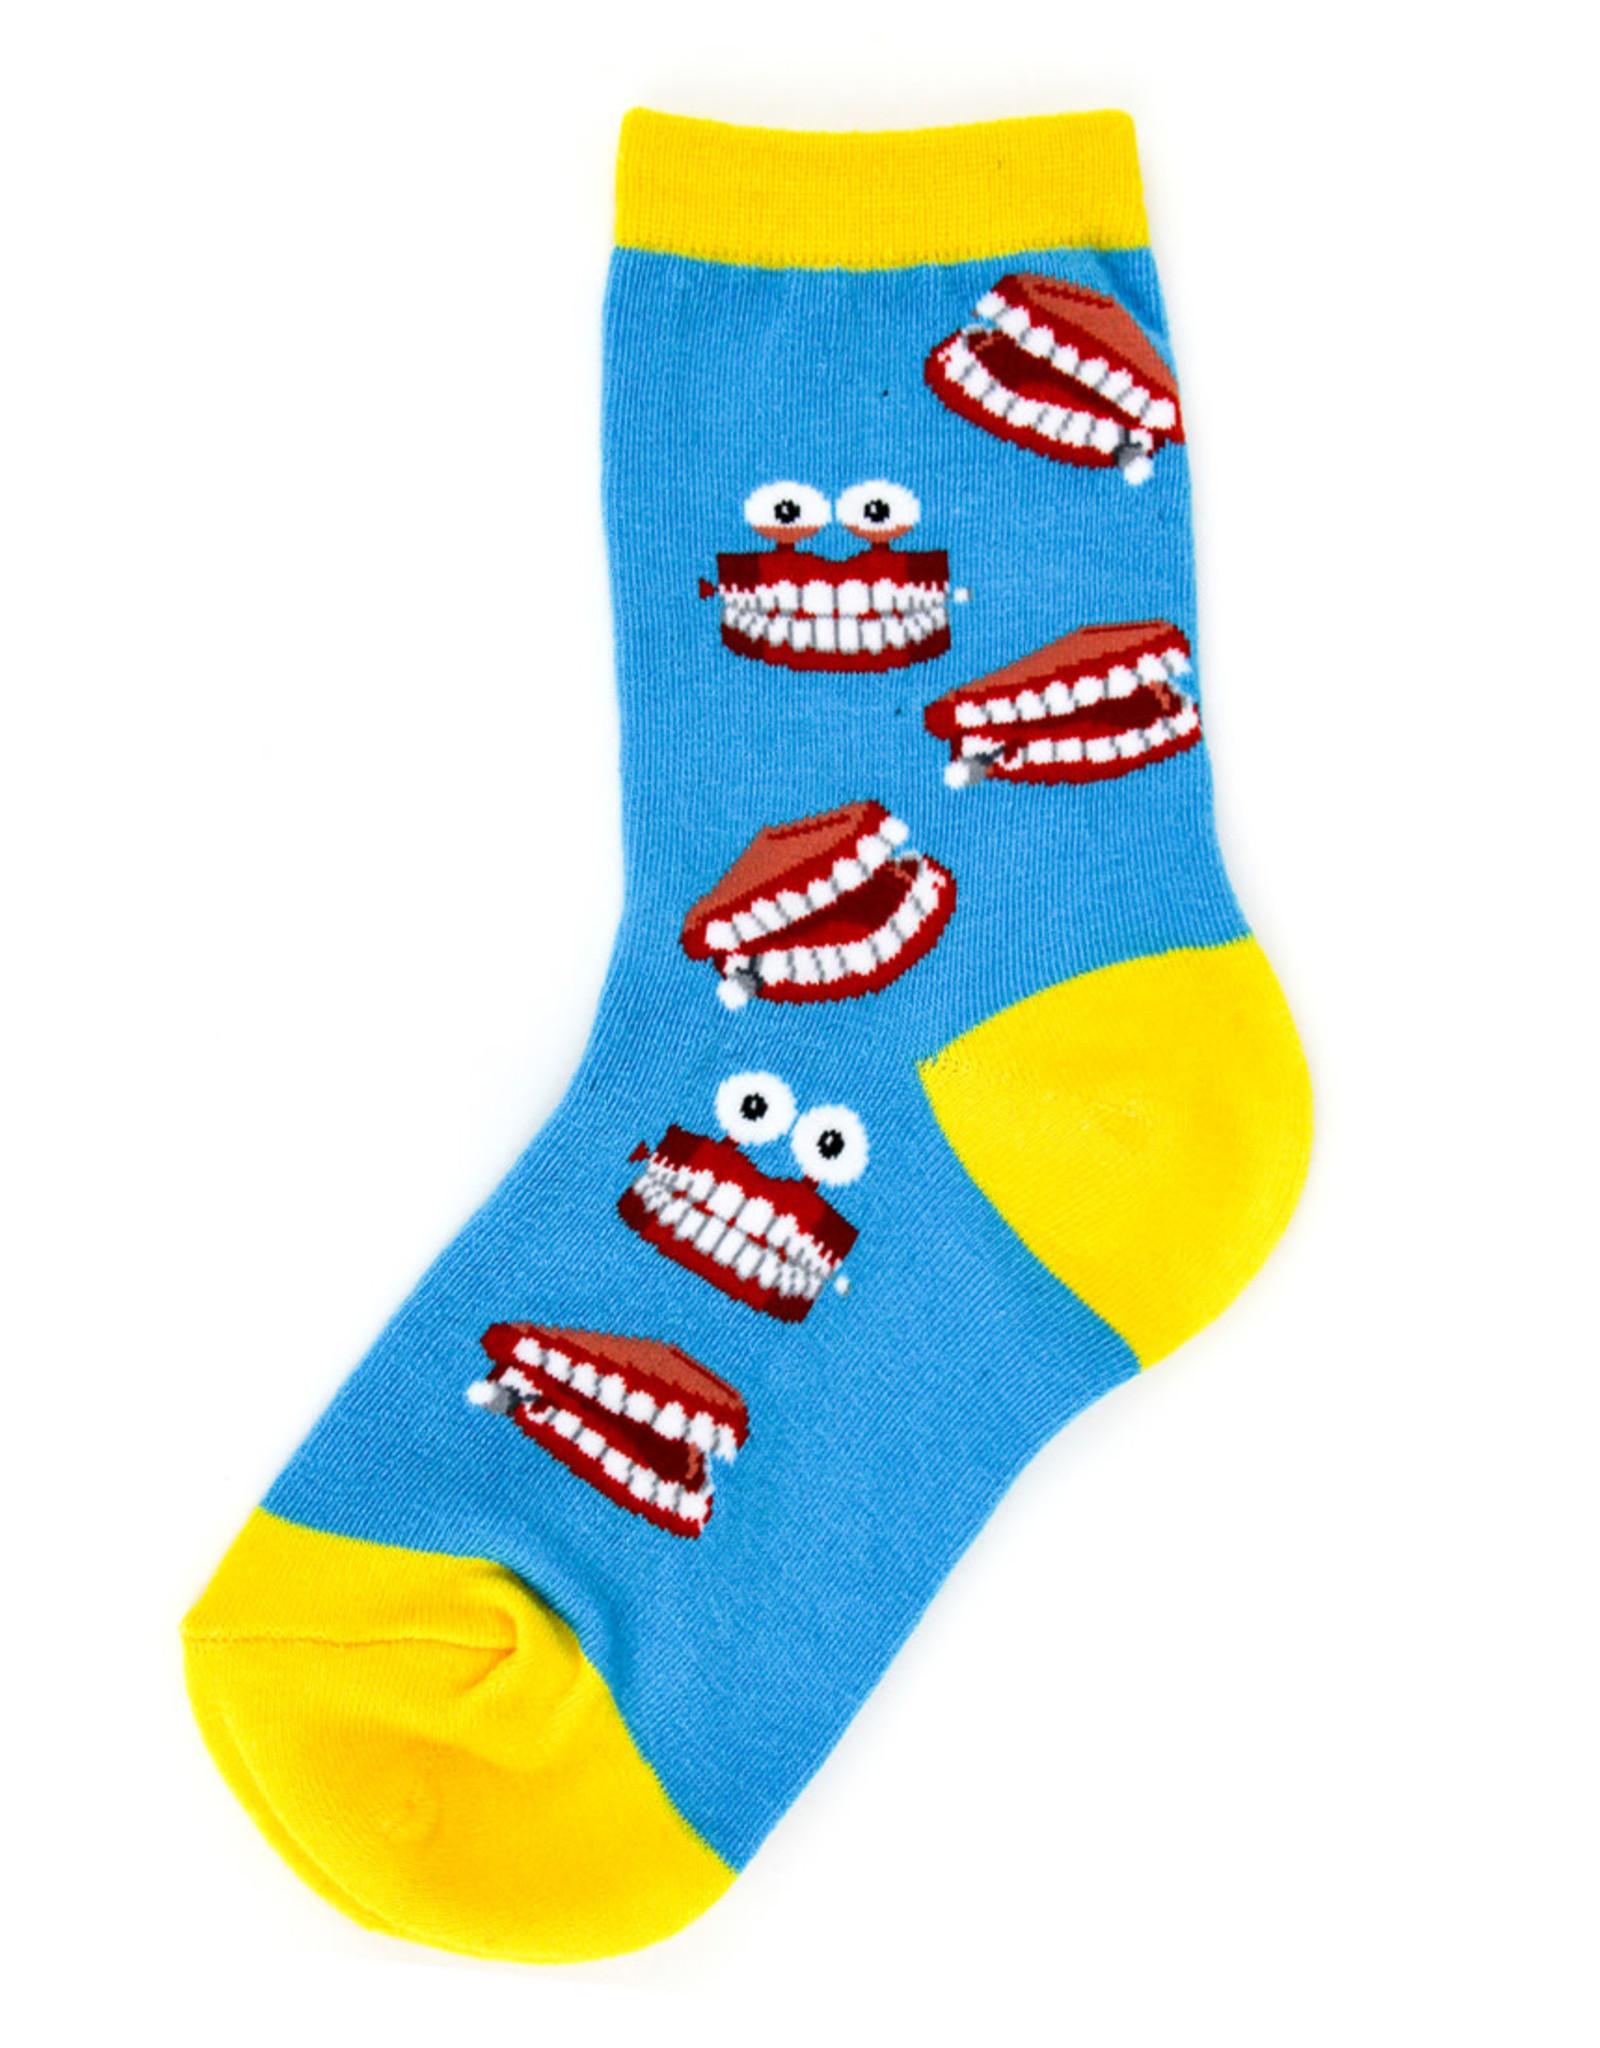 Socks (Kids) - Teeth